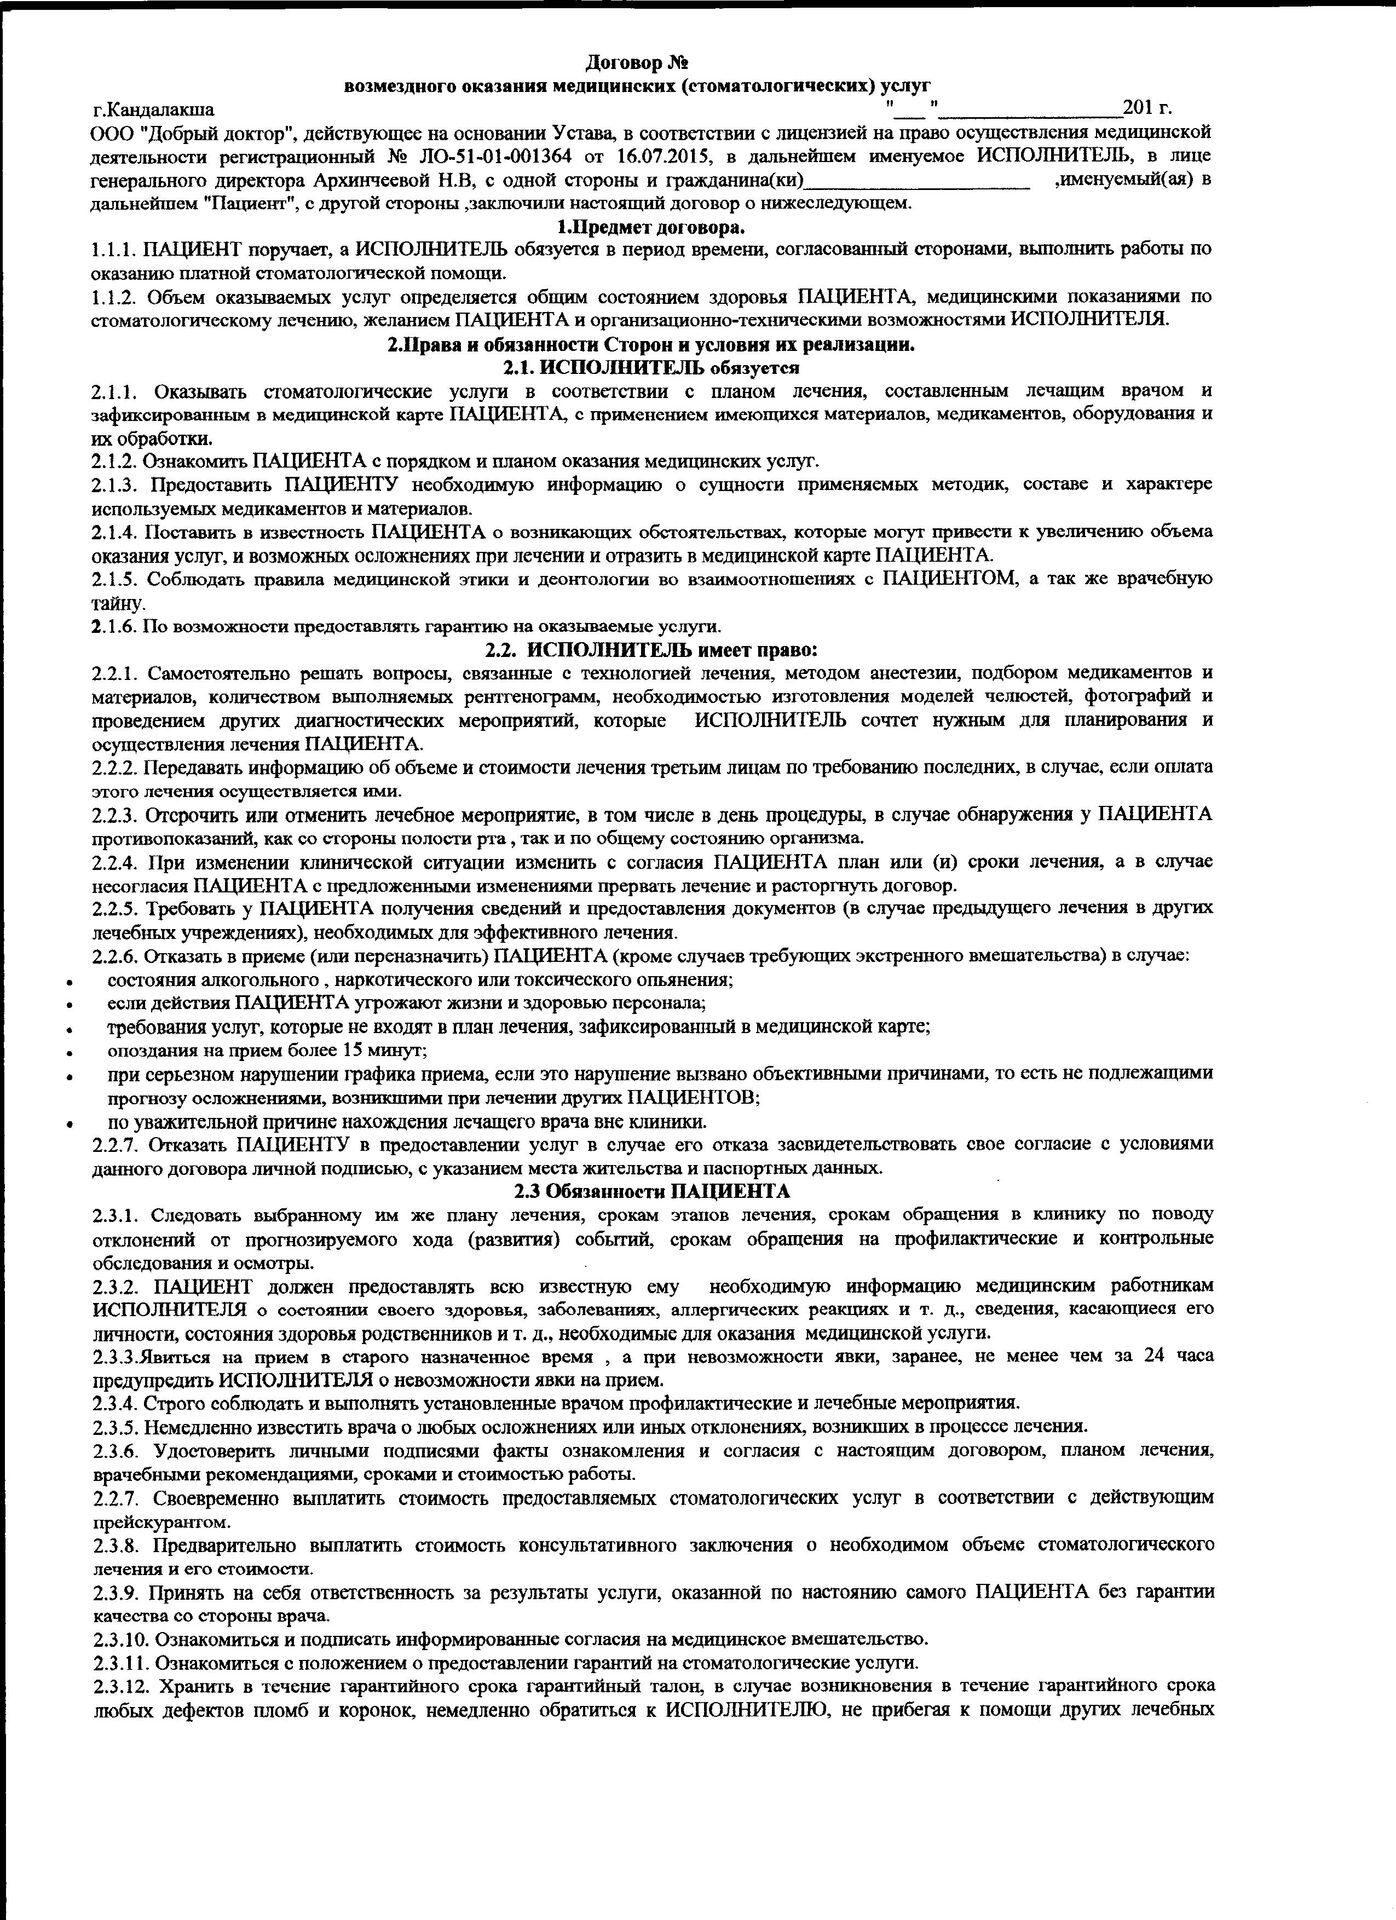 Сделать медицинскую книжку в Москве Соколиная гора официально на профсоюзной